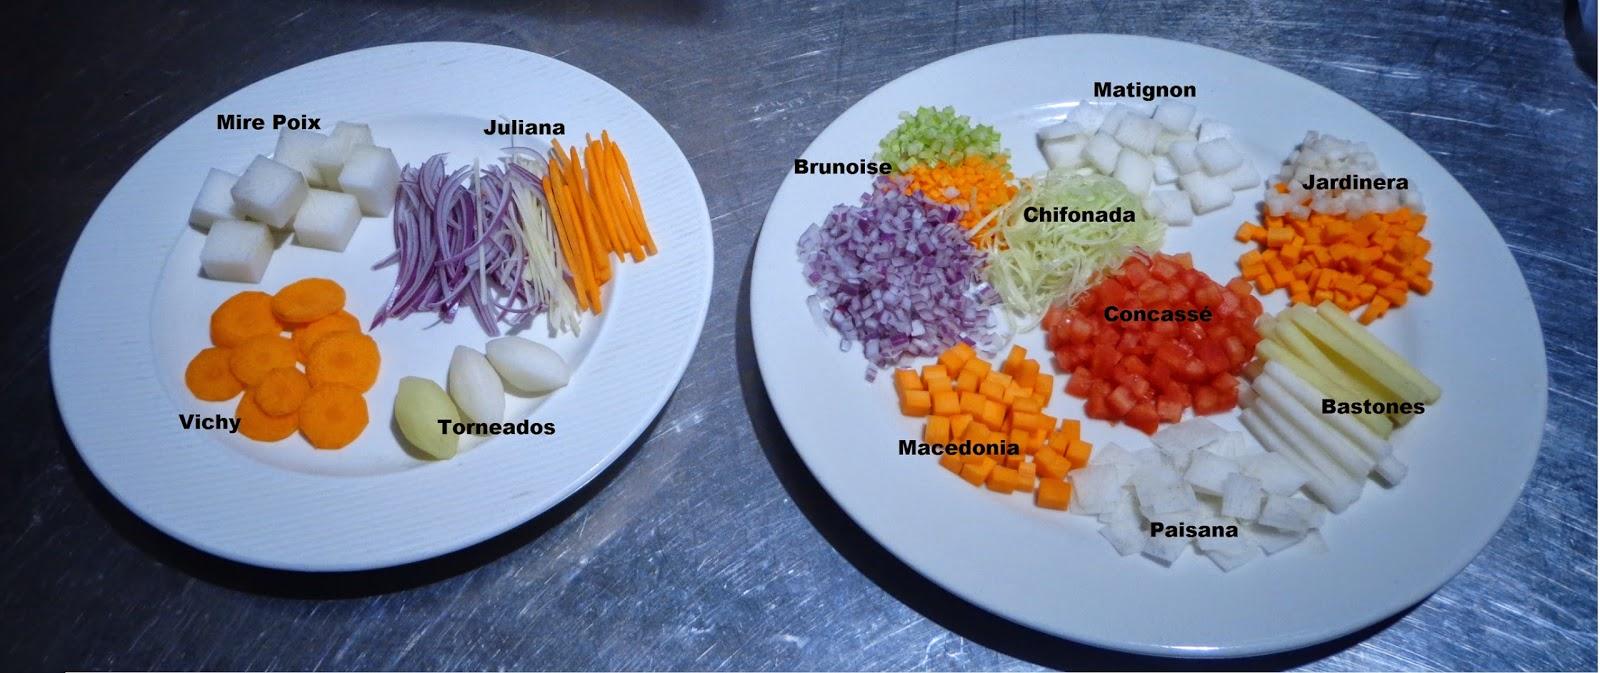 Diario en la cocina cortes b sicos de vegetales for Cortes de verduras gastronomia pdf